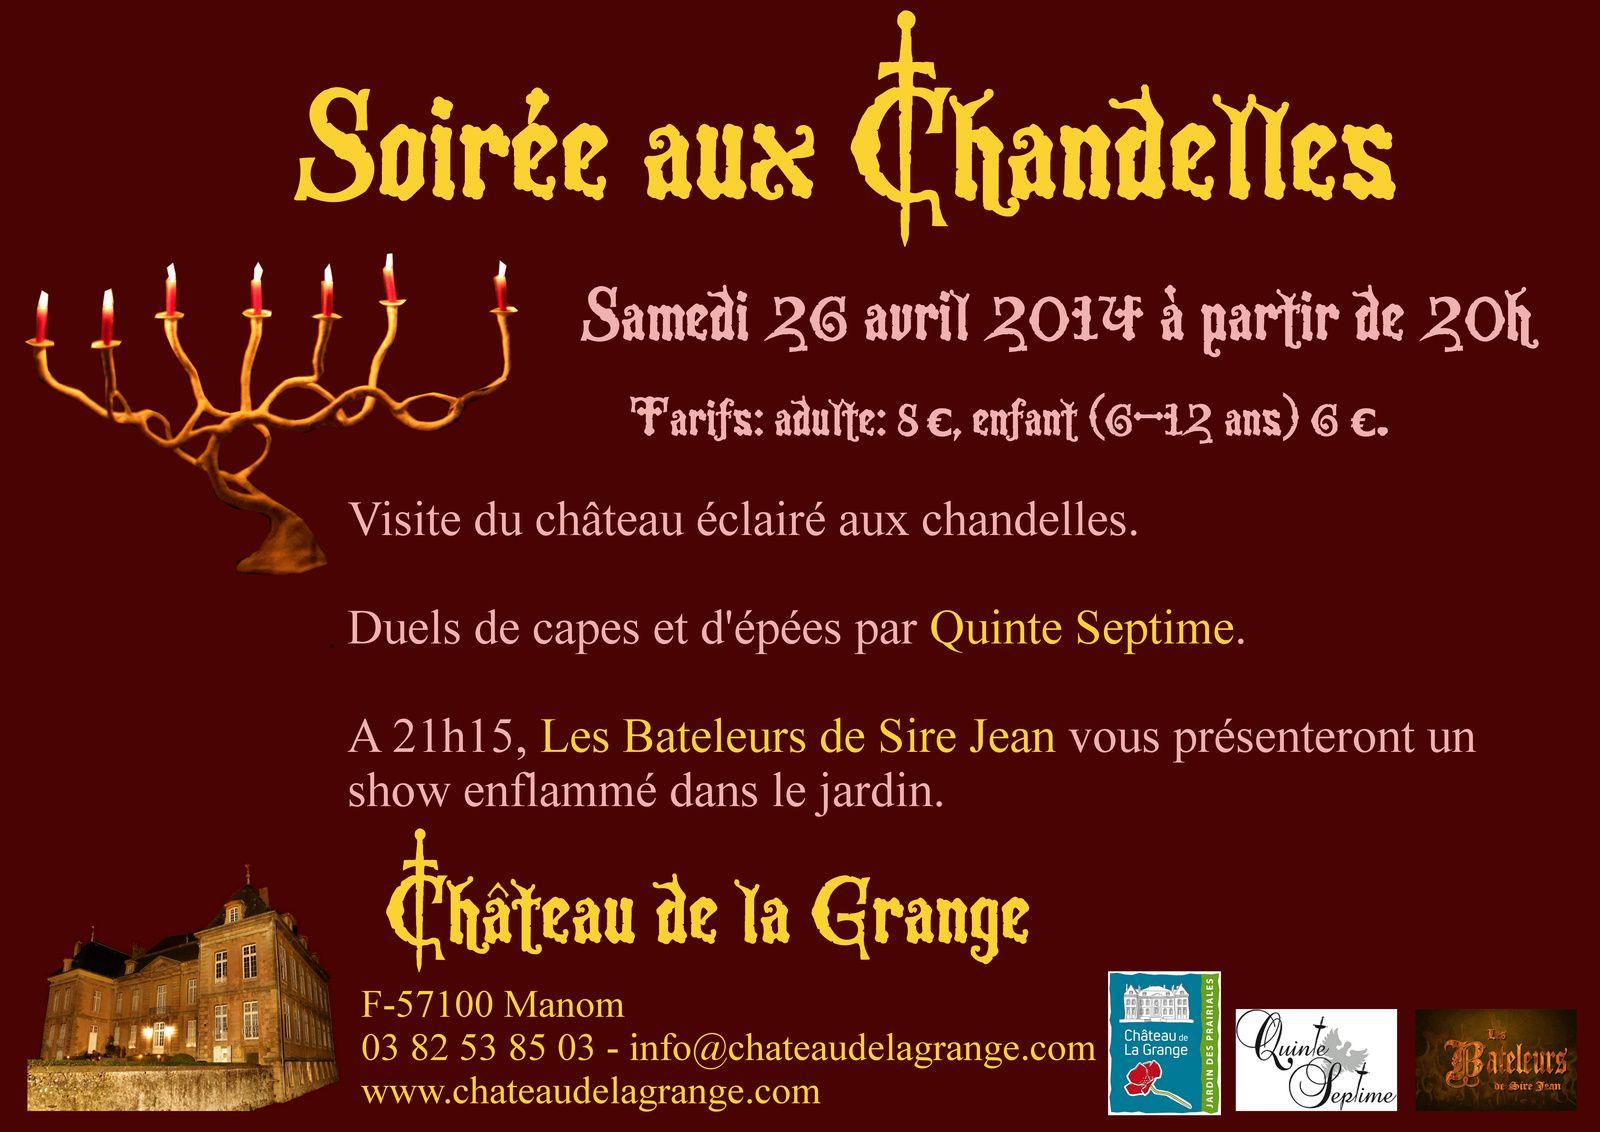 Samedi 26 avril Soirée aux Bougies Chateau de la Grange à Manom (57)